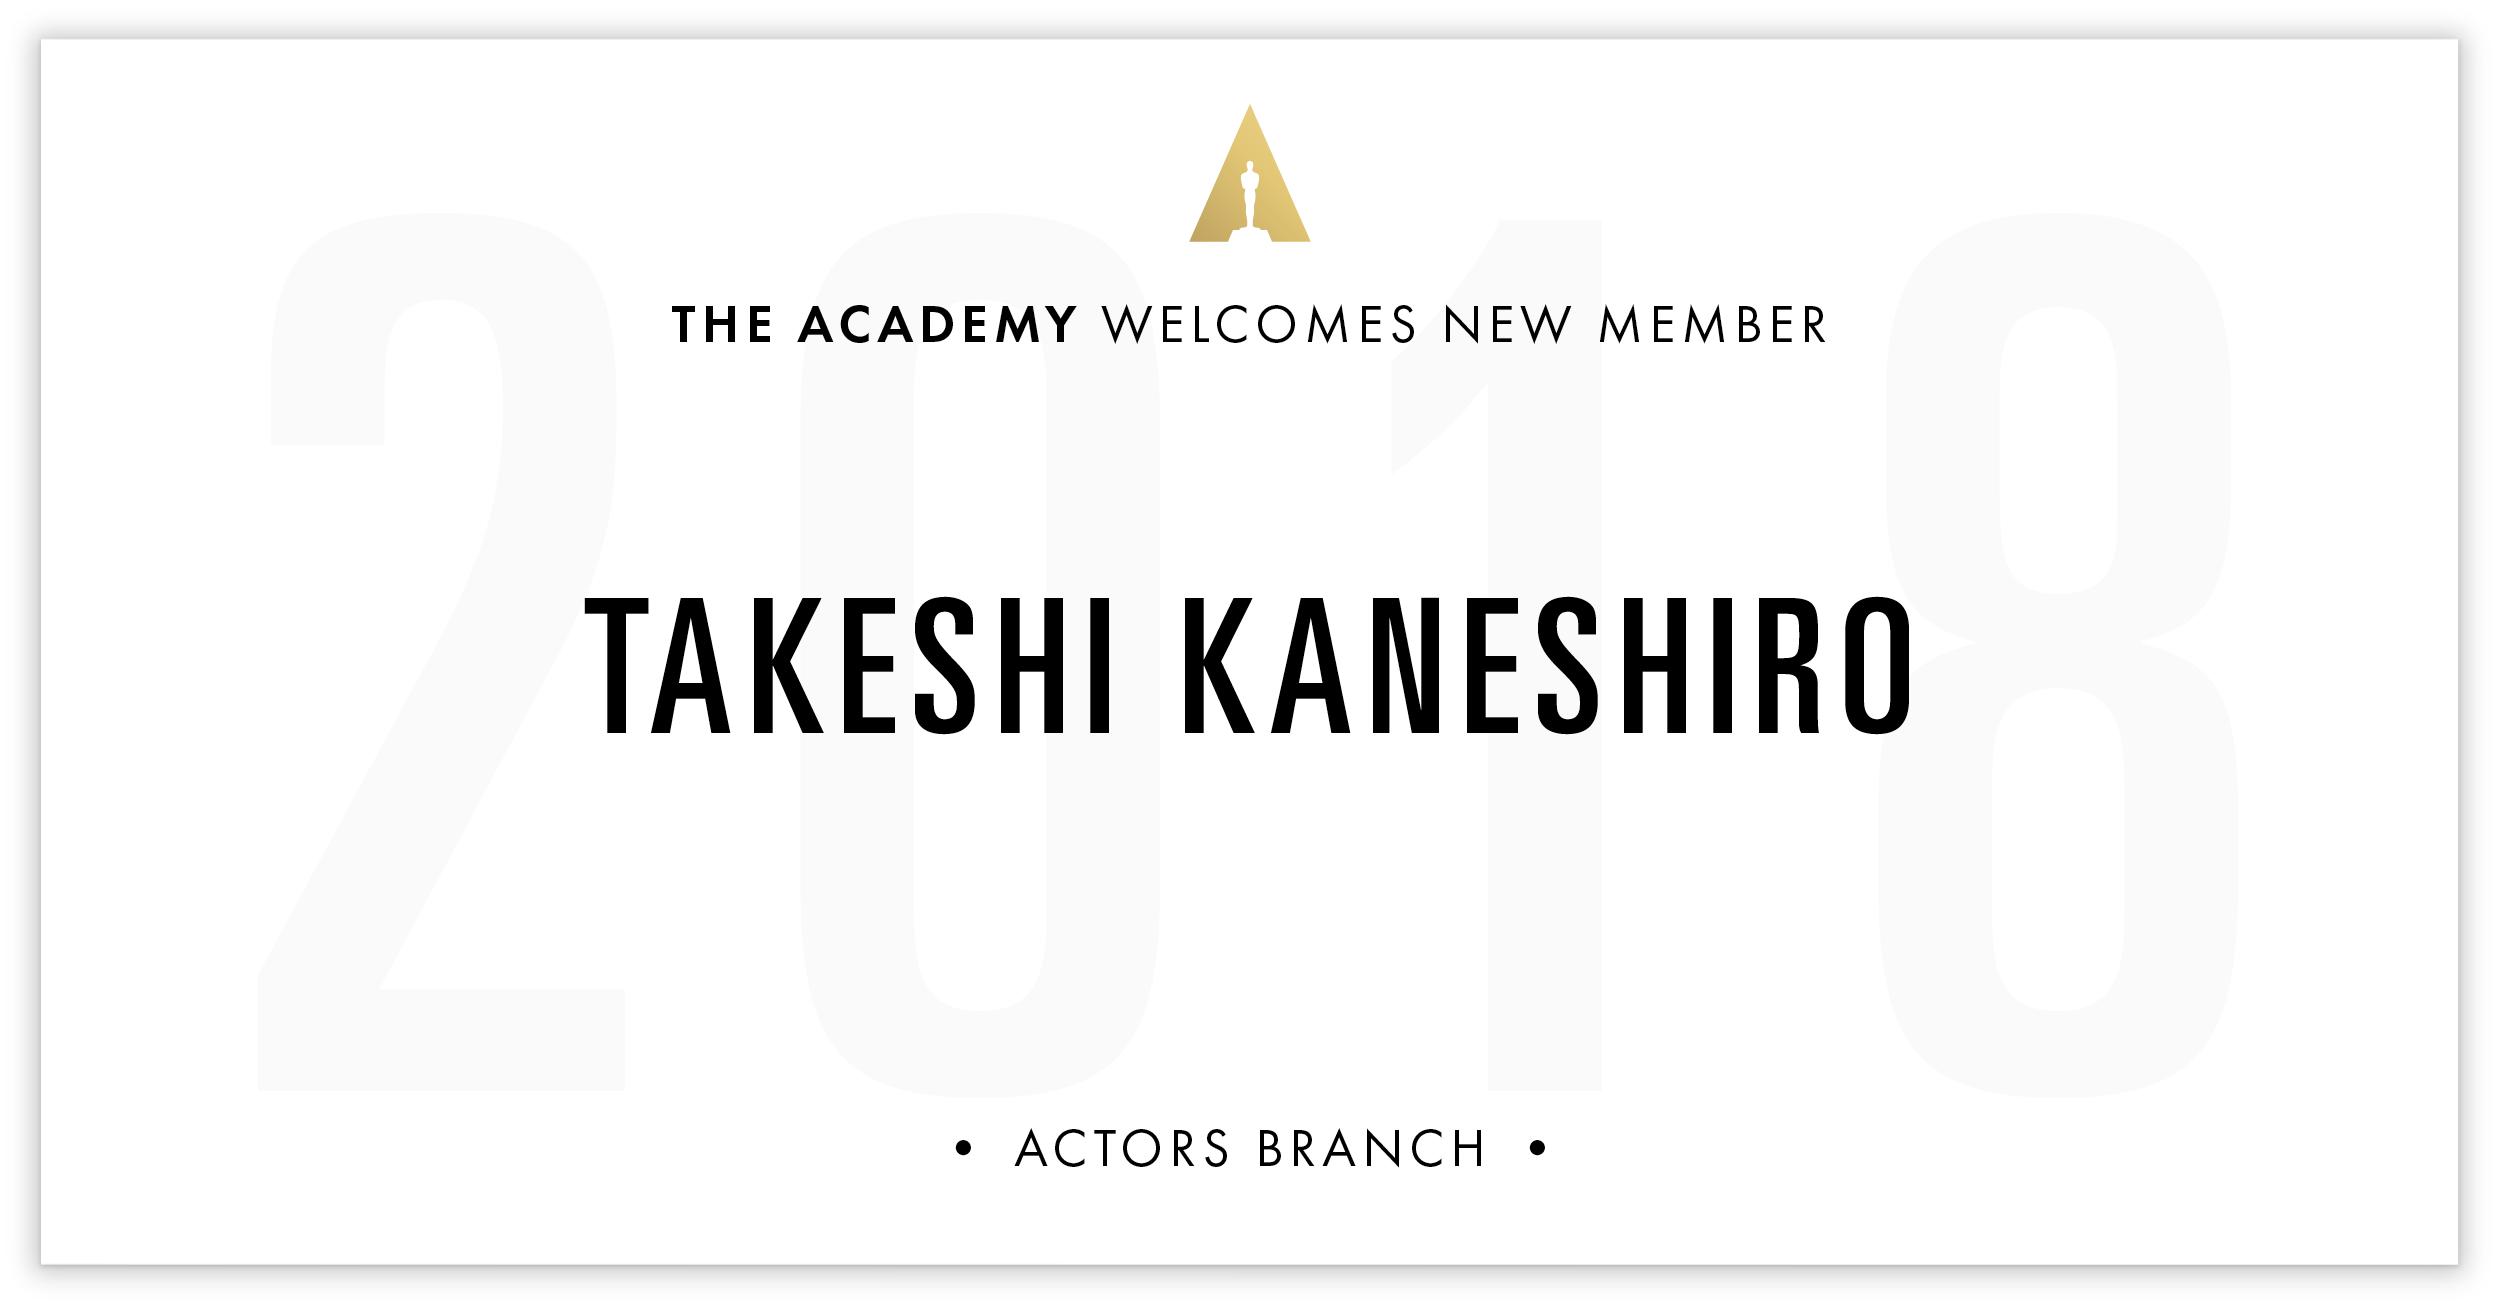 Takeshi Kaneshiro is invited!